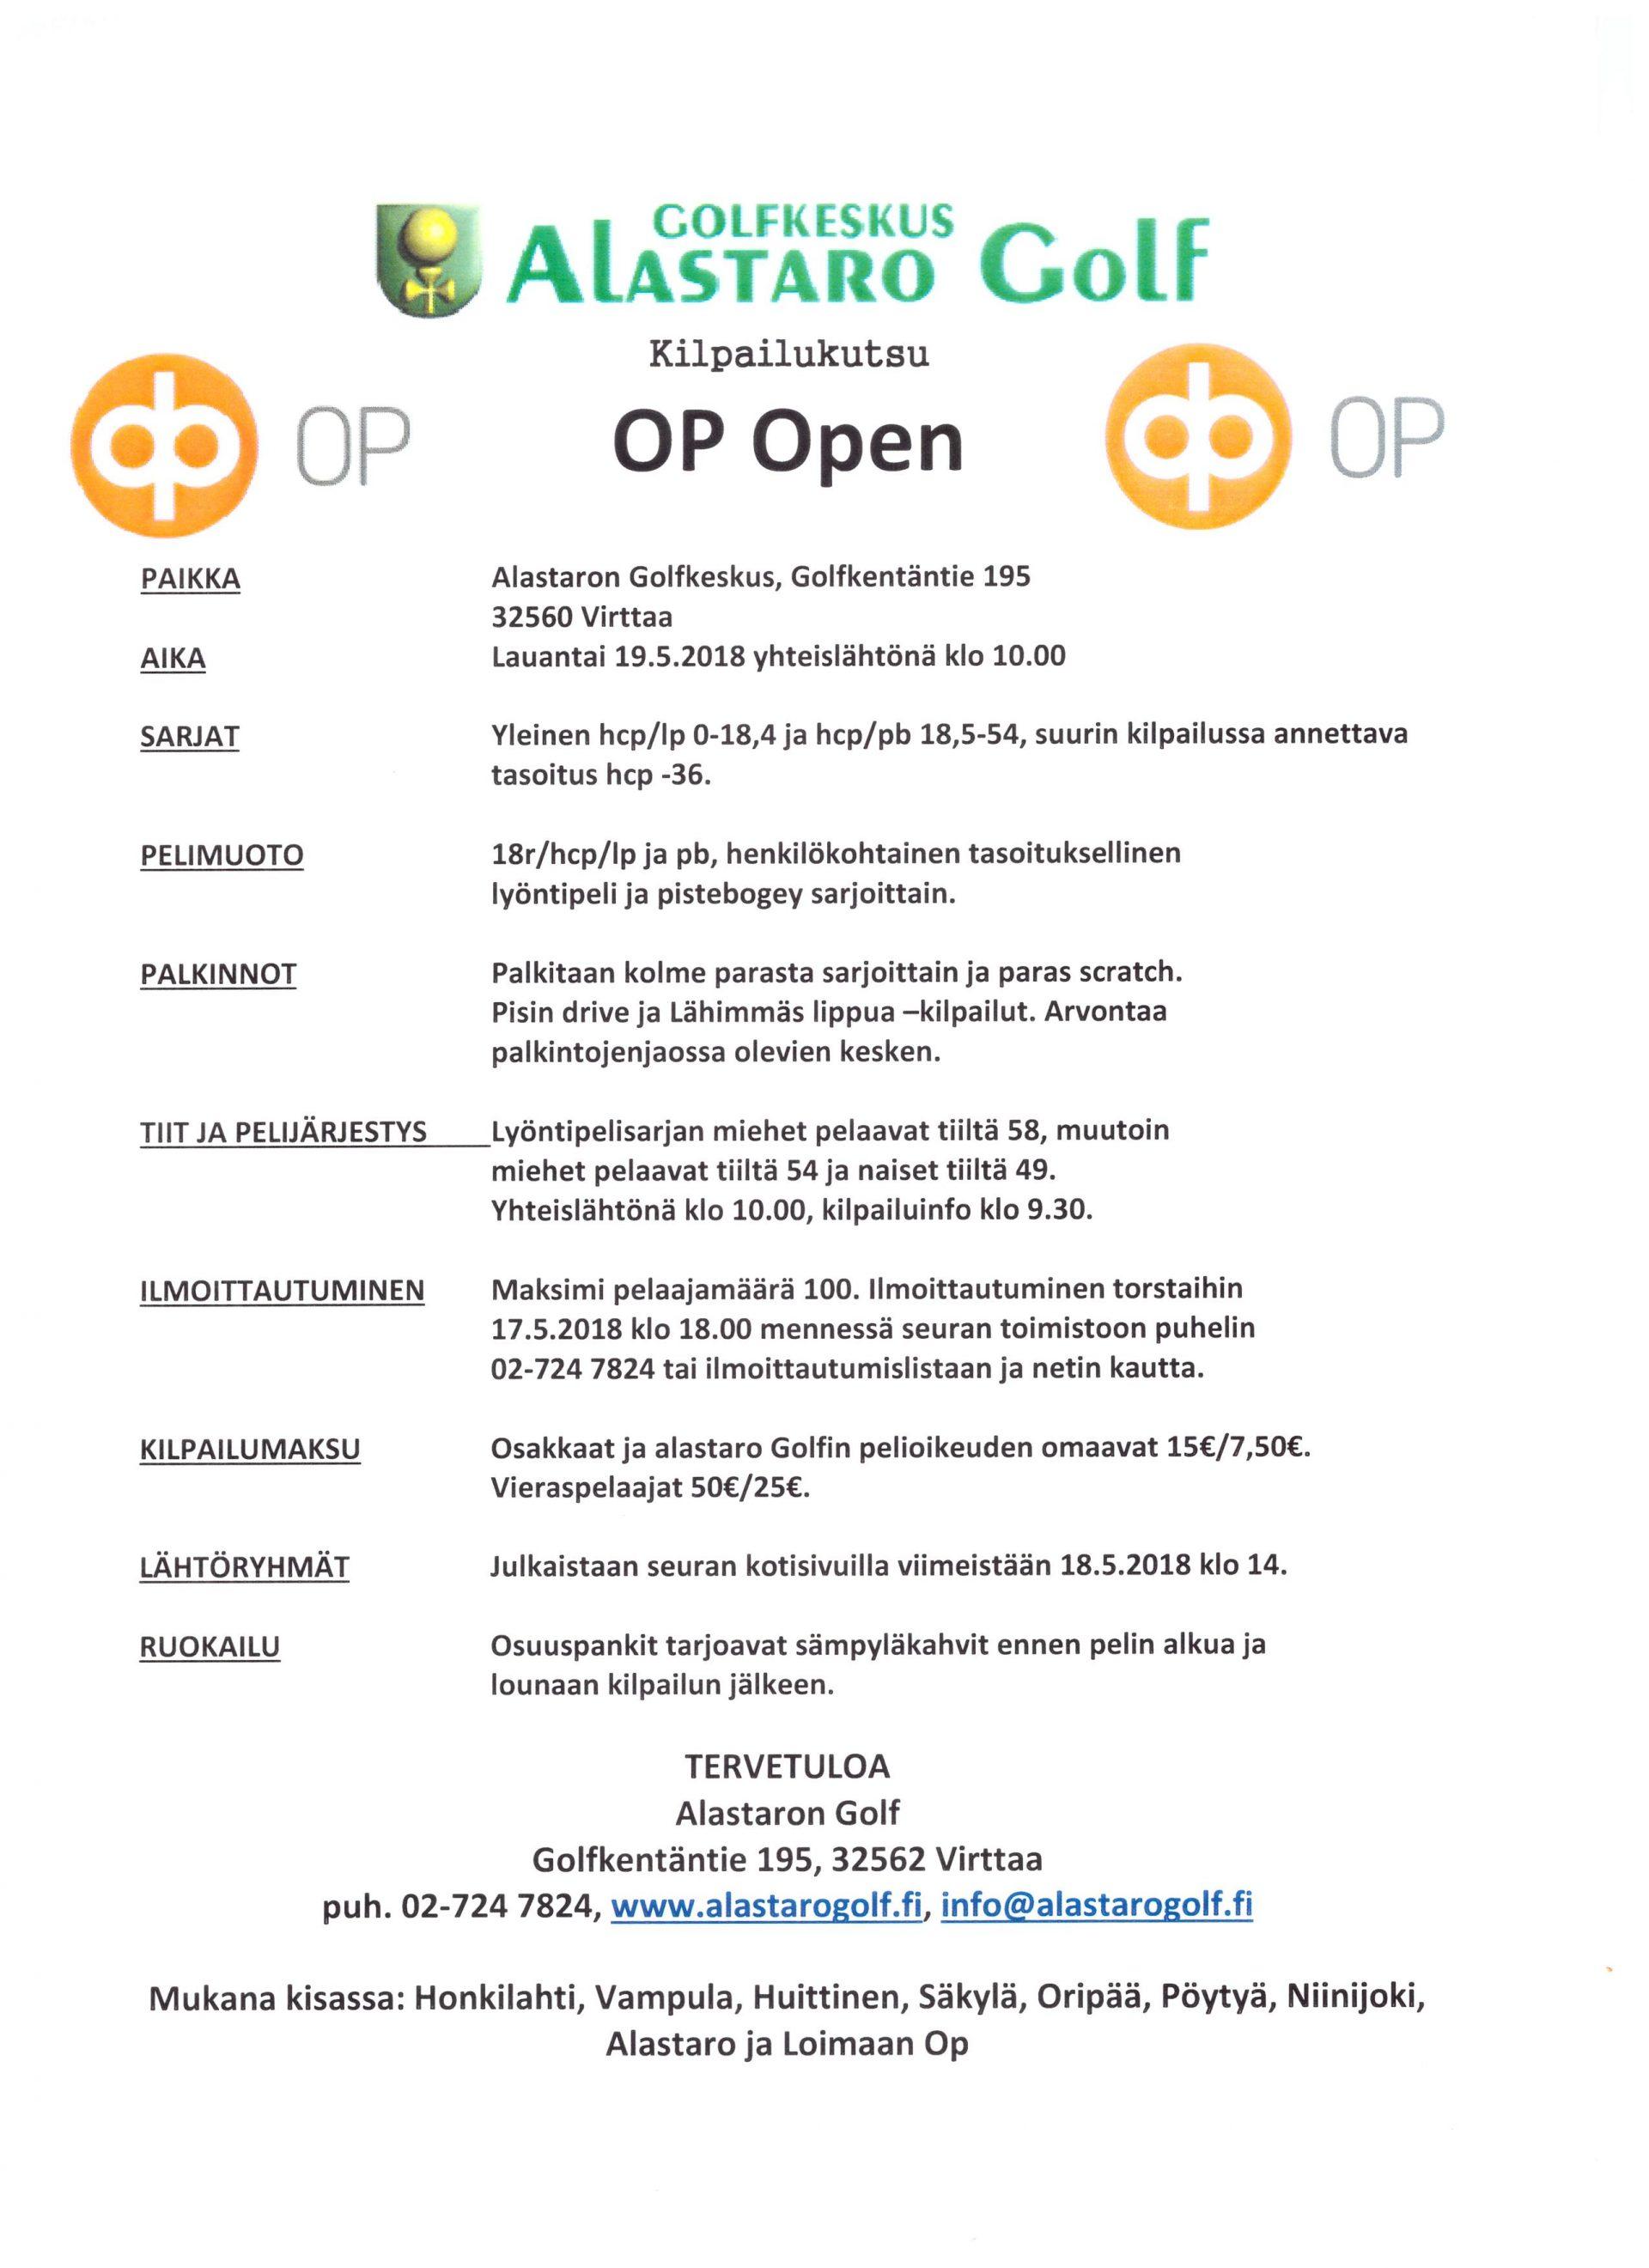 Kilpailukutsu - Osuuspankki Open 19.5.2018 - Alastaro Golf